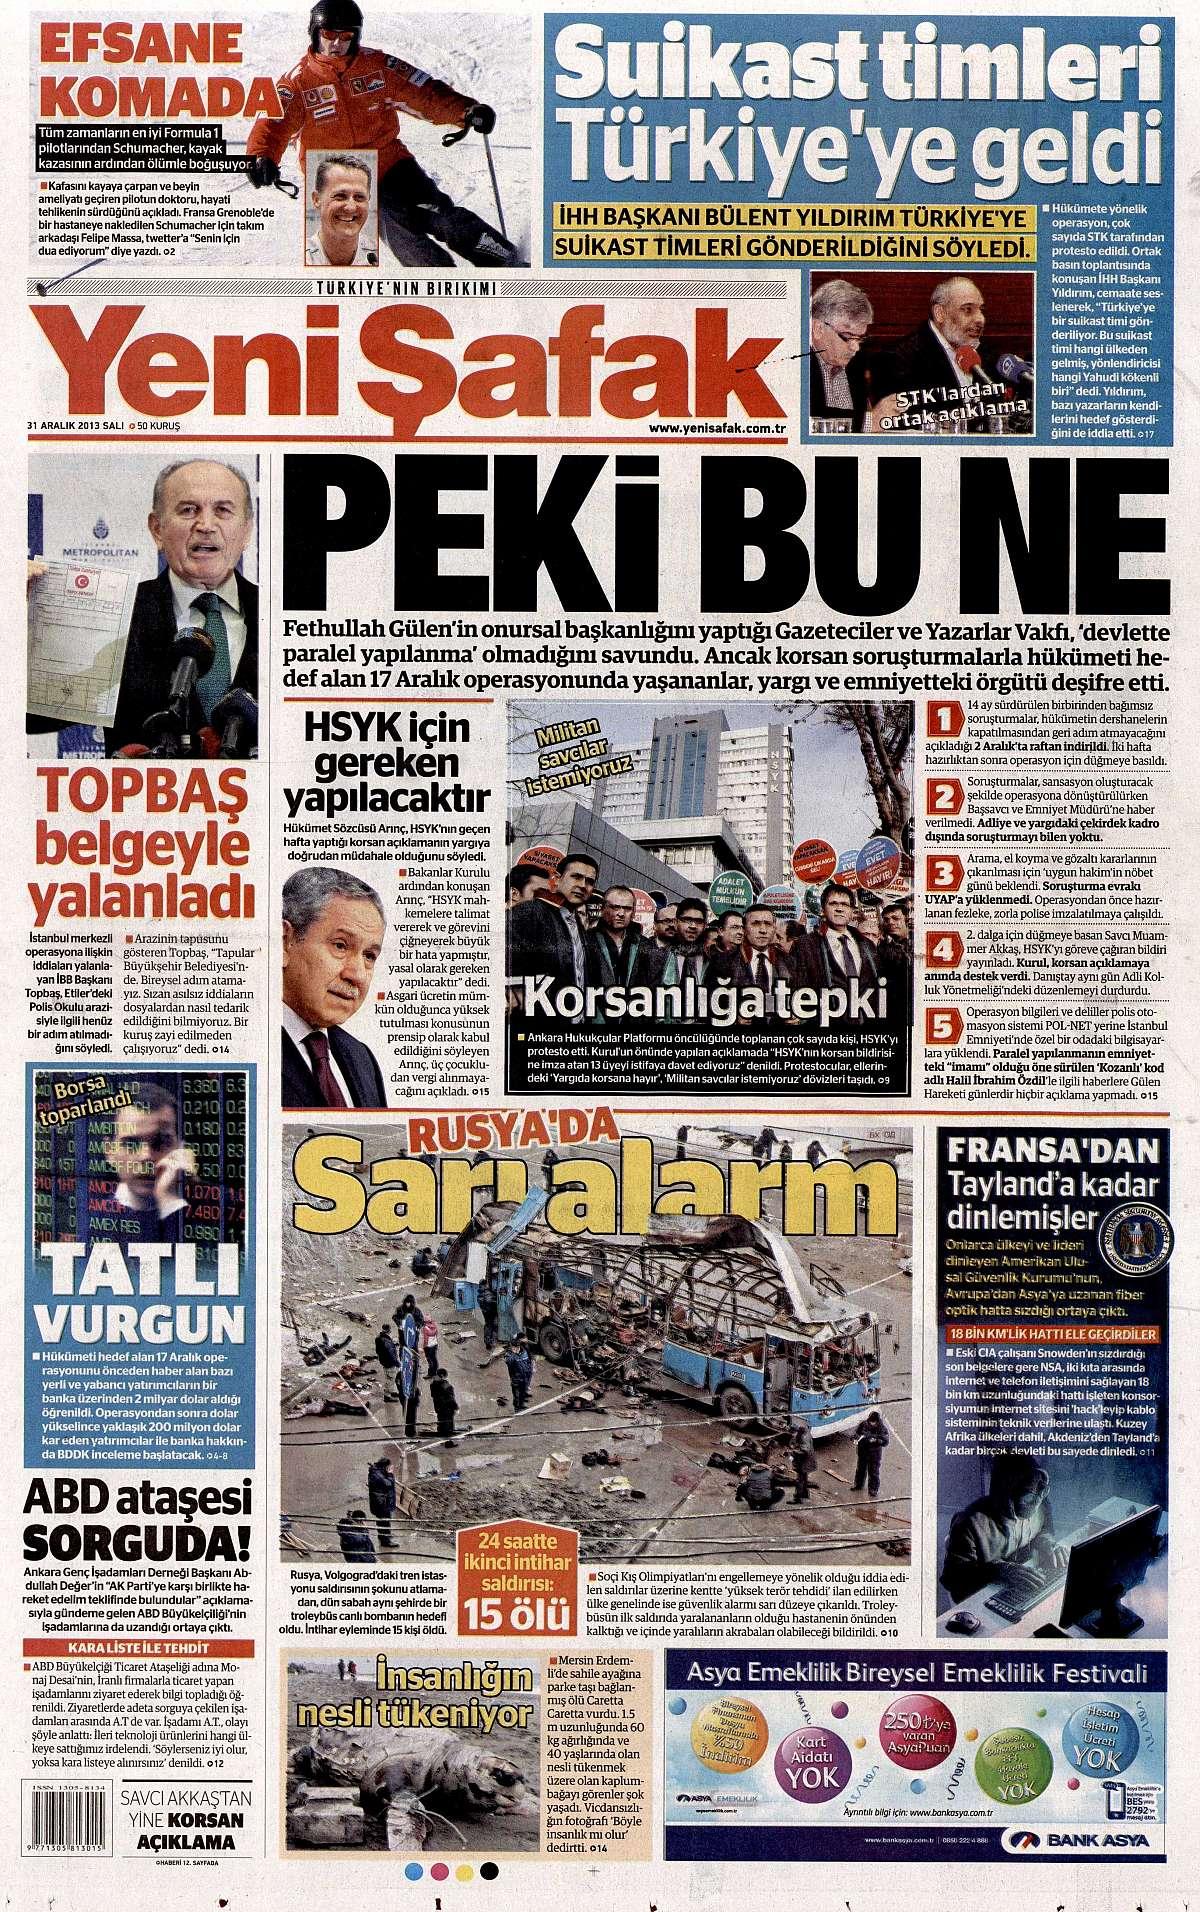 yeni-safak-gazetesi_69449